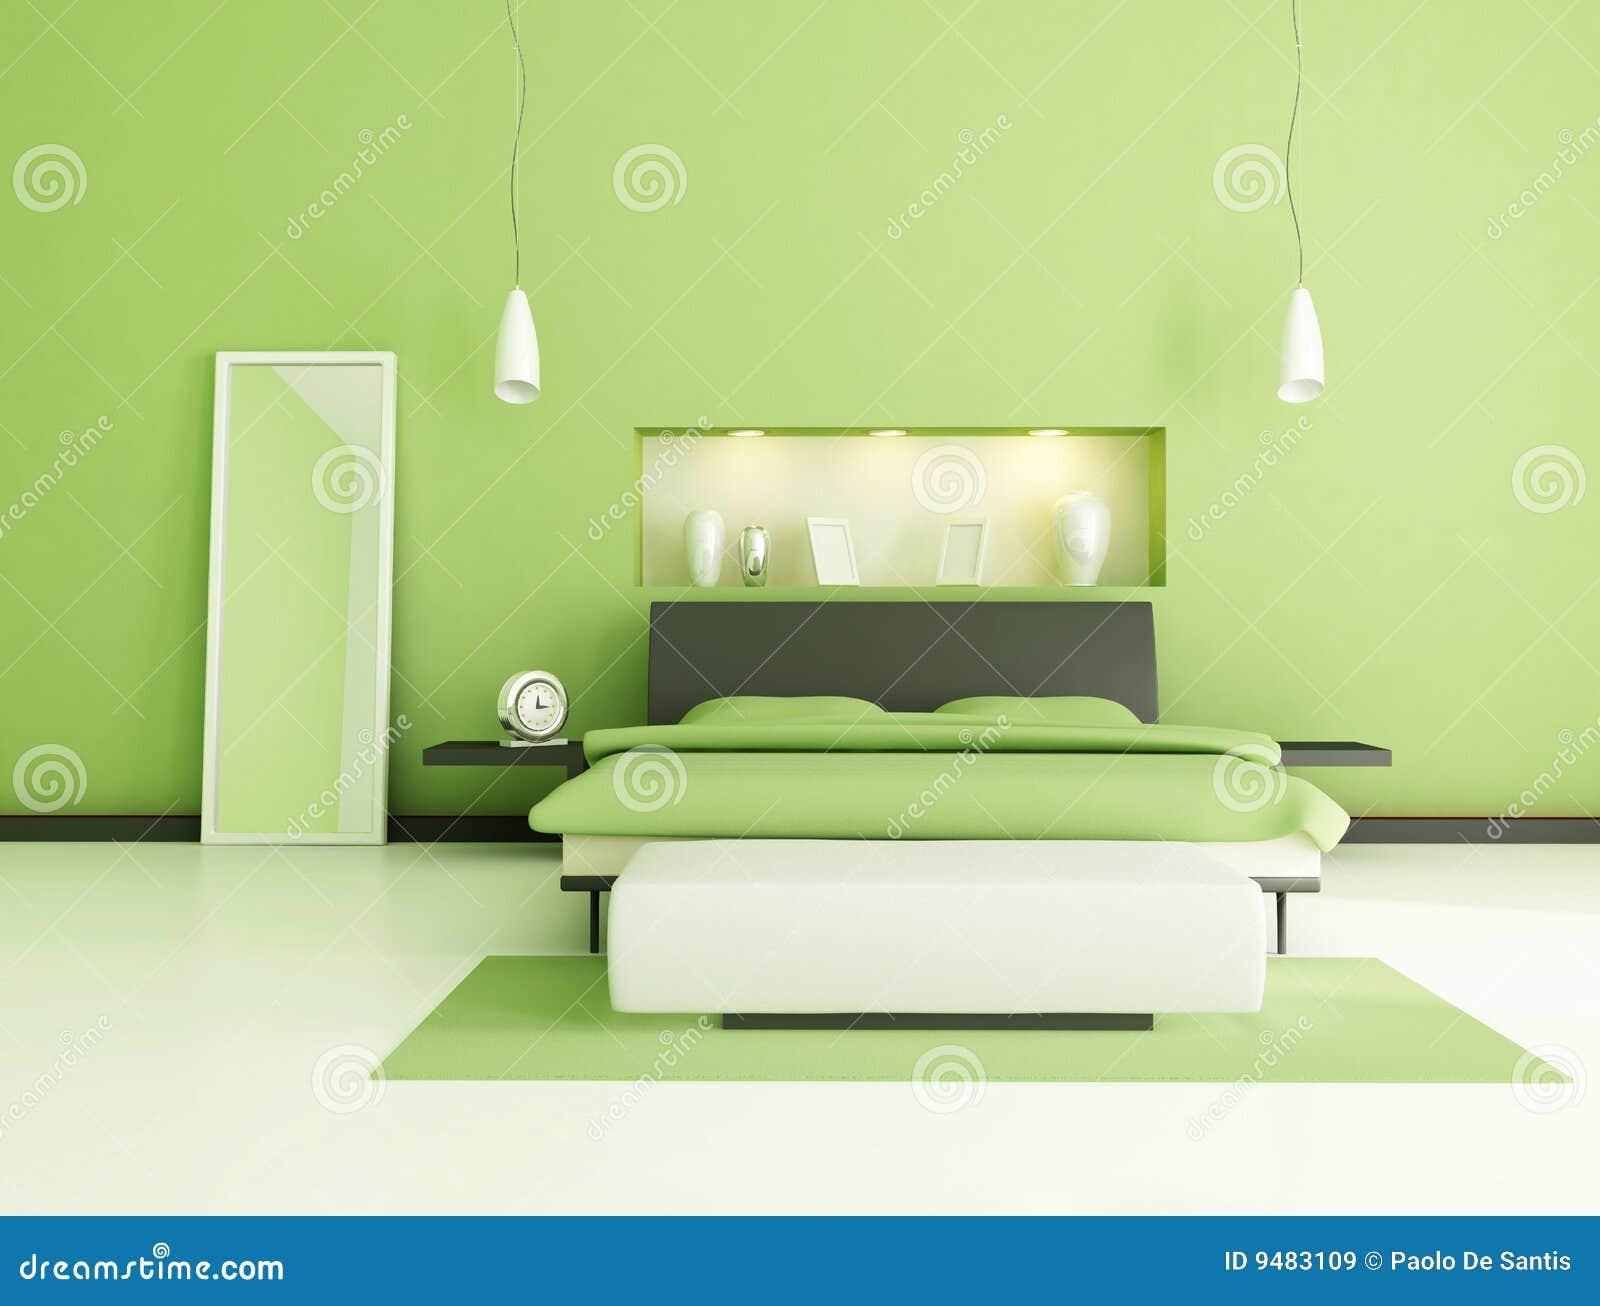 Camera Da Letto Moderna Verde Immagini Stock Libere da Diritti - Immagine: 9483109